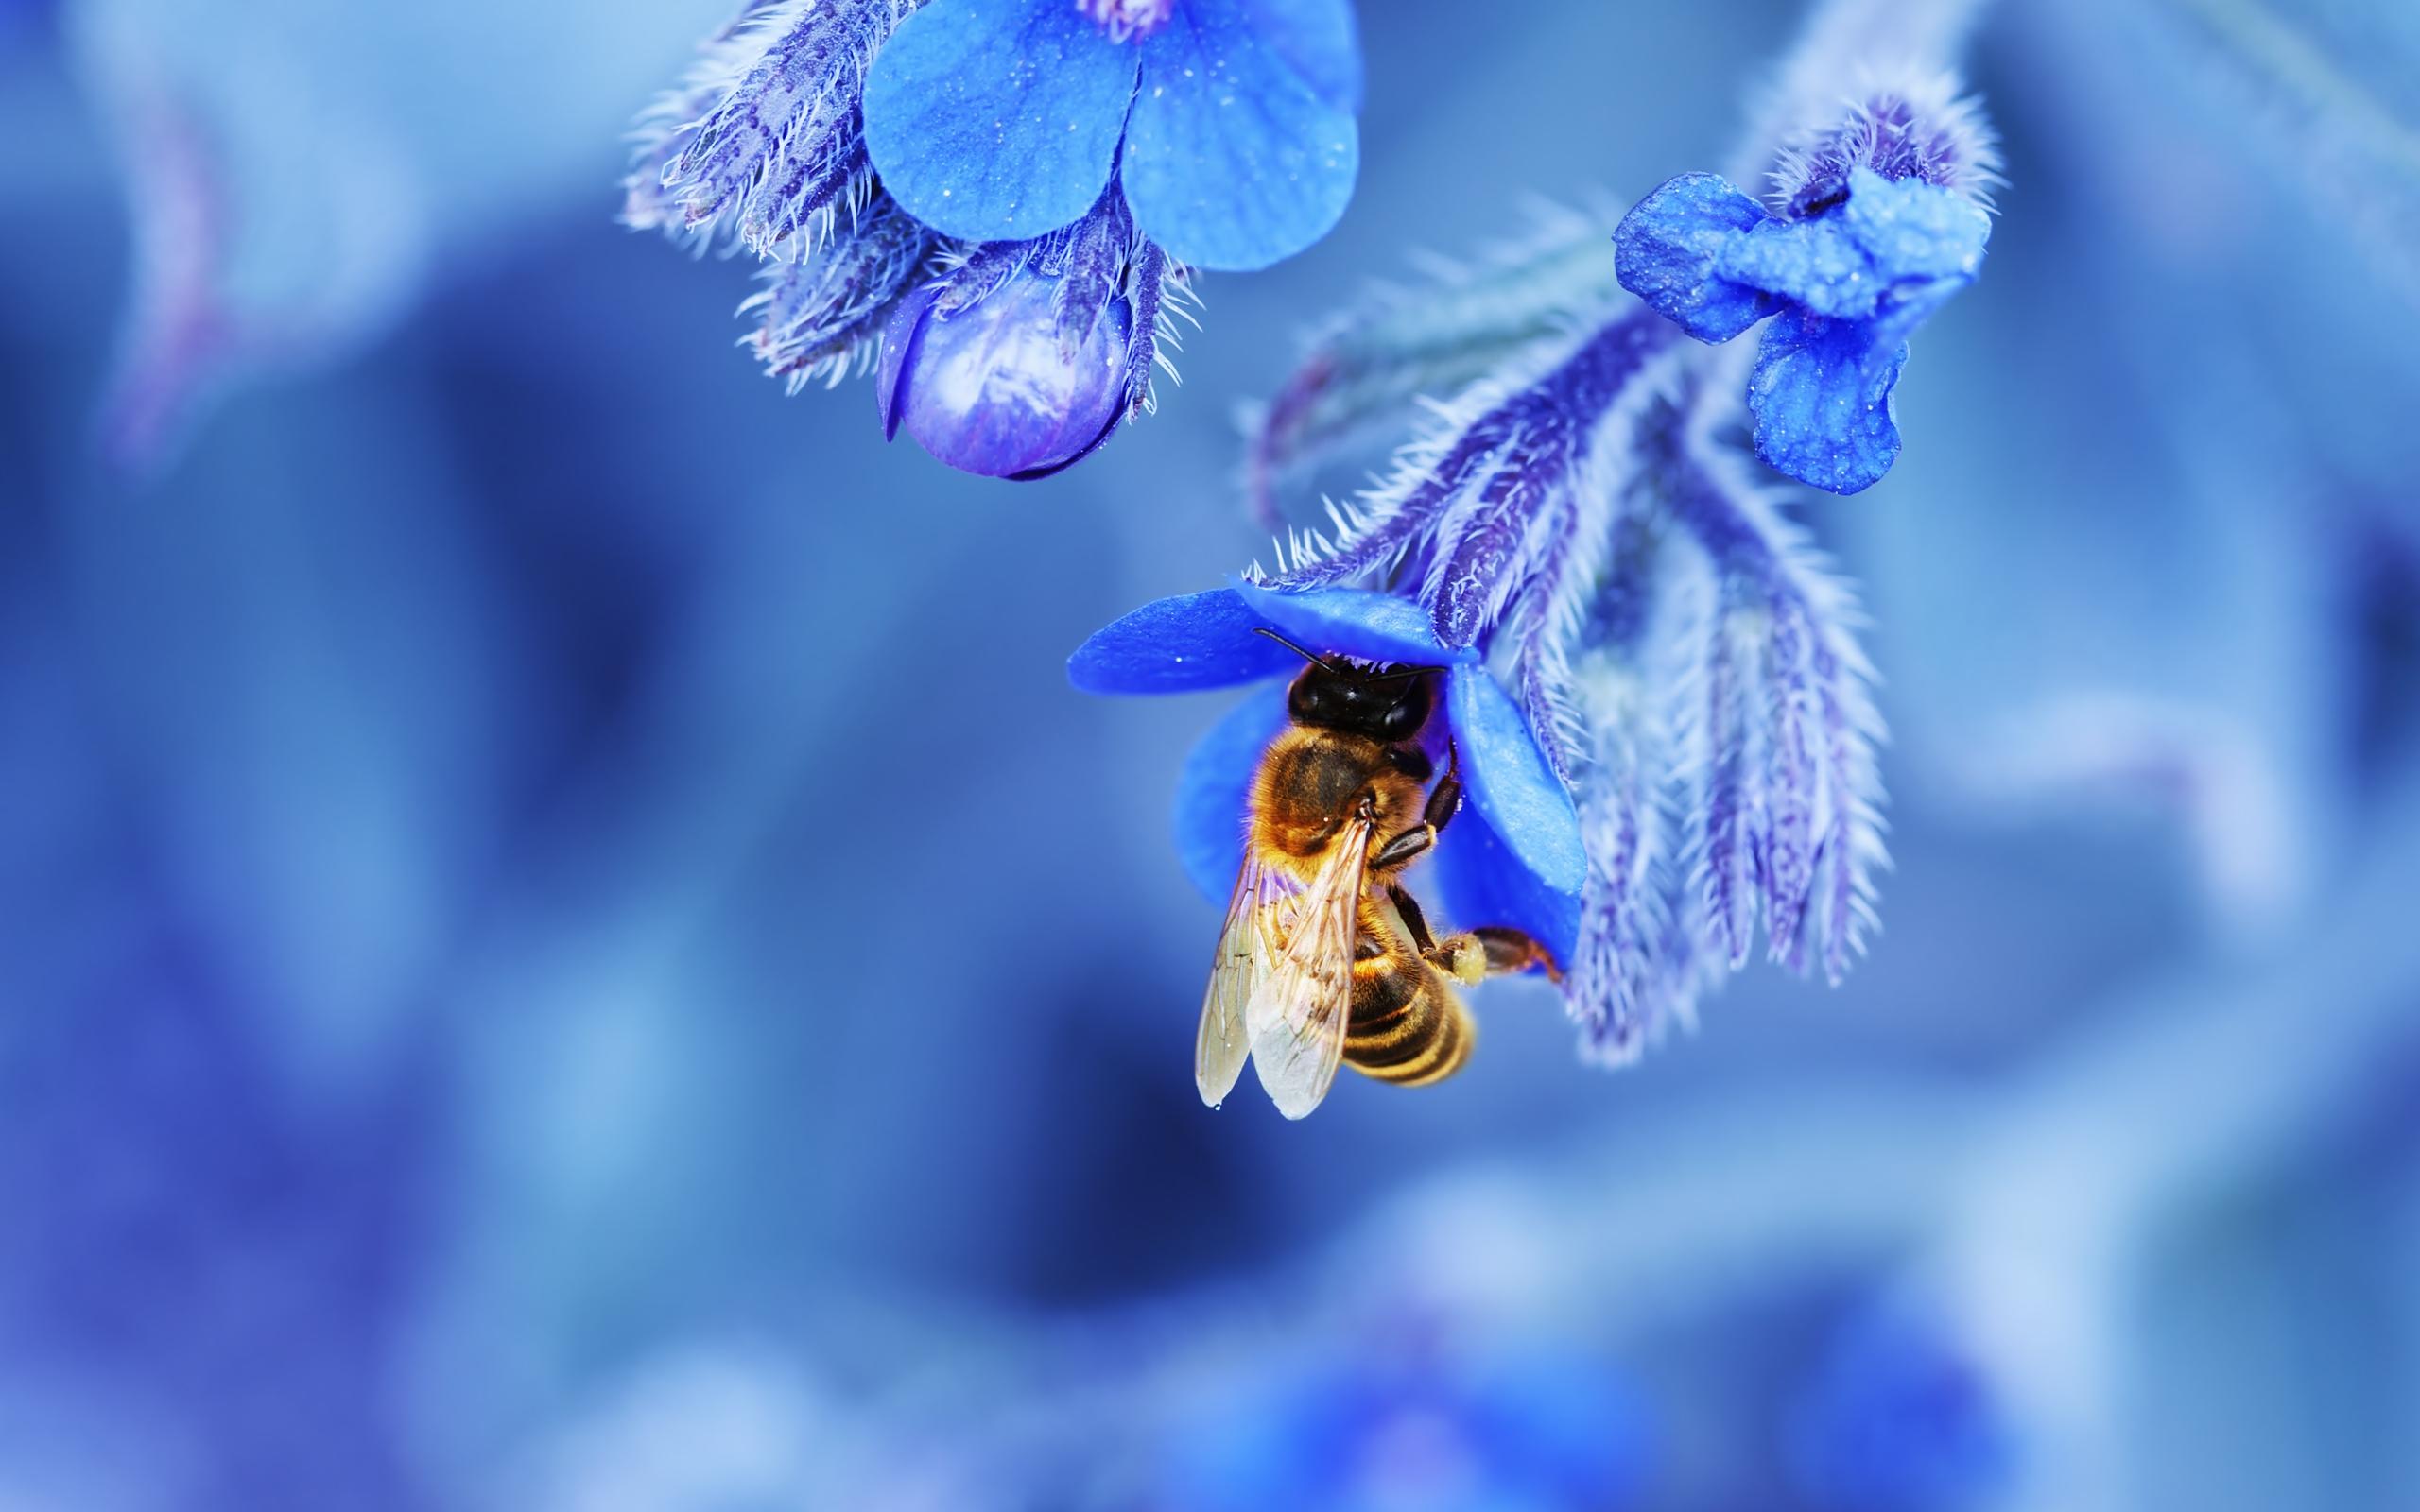 Honey Bee by Janny Dangerous 2560x1600